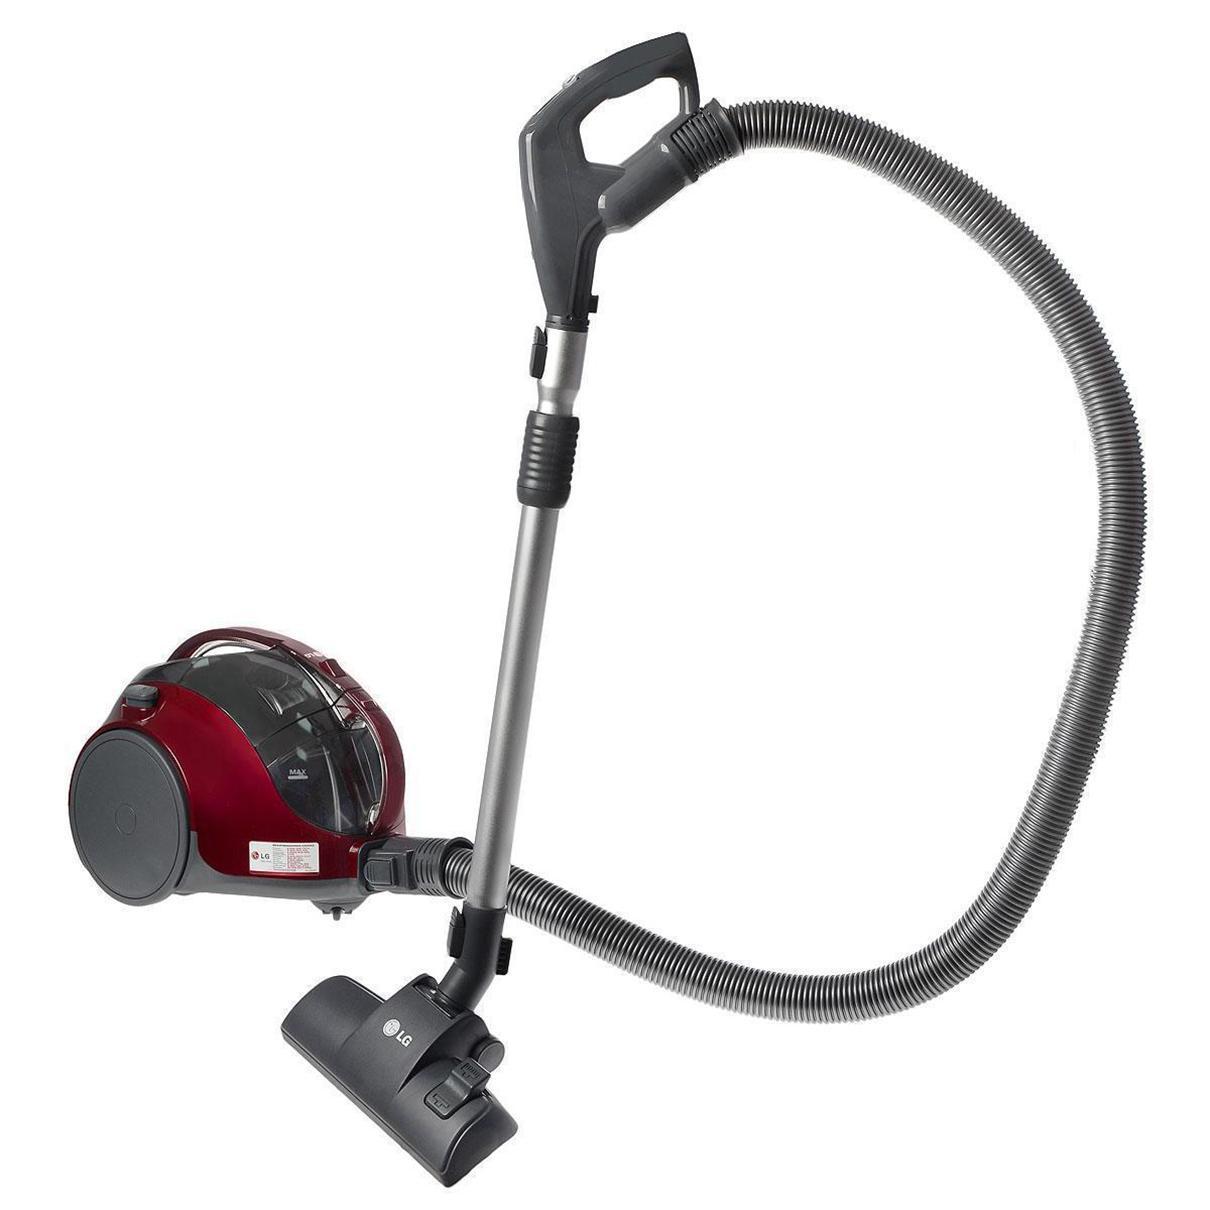 LG VK74W46H пылесосVK74W46HПылесос LG VK74W46H оснащен системой циклонической обработки всасываемой пыли, благодаря которой теперь вам не составит труда вытряхнуть скопившуюся пыль. Еще одна положительная особенность данной системы в том, что наполненность пылесборника никак не влияет на мощность всасывания. Она составляет 380 ватт. Вместе с тем, мощность потребления электроэнергии составляет совершенно небольшую величину – 1250 ватт.Среди прочих конструкторских дополнений модель обладает телескопической системой регулировки трубки всасывания, переключателем мощности на рукоятке, индикатором наполненности пылесборника и пятиметровым кабелем питания.